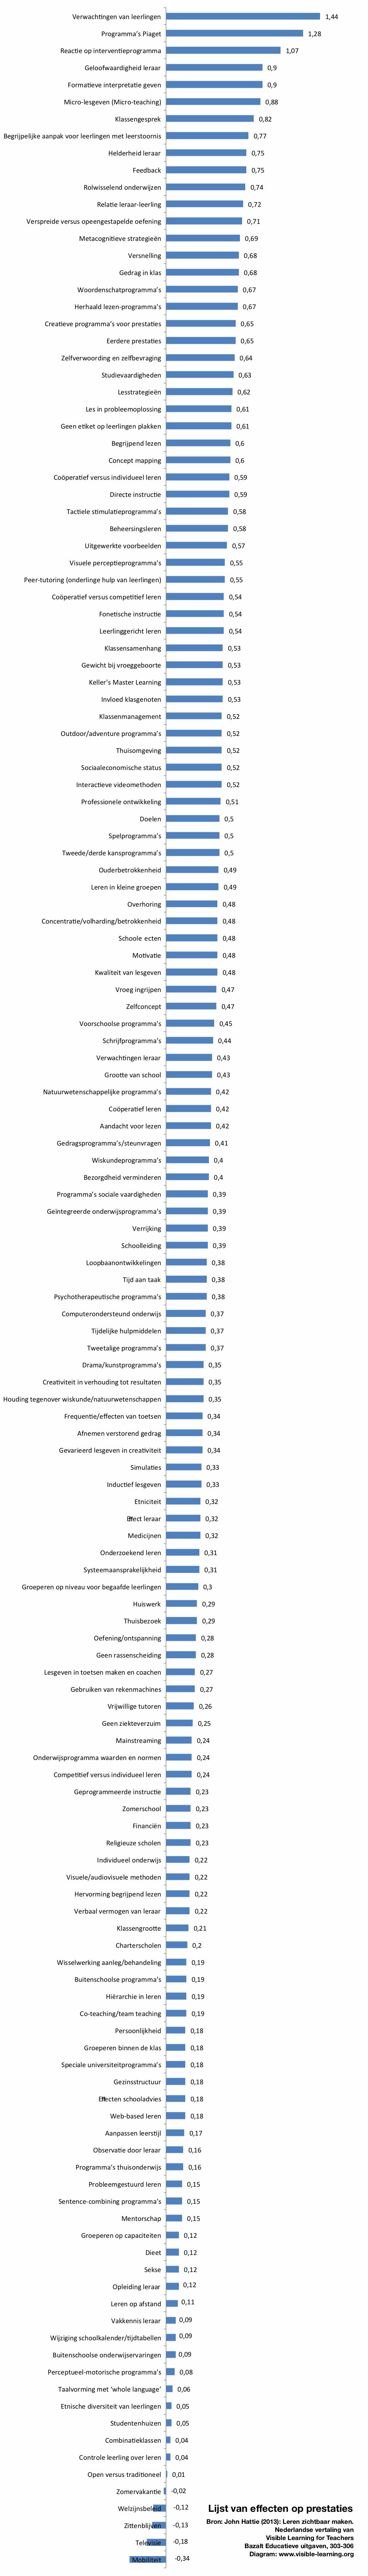 hattie-ranking-150-effecten-leren-zichtbaar-maken-nederlands